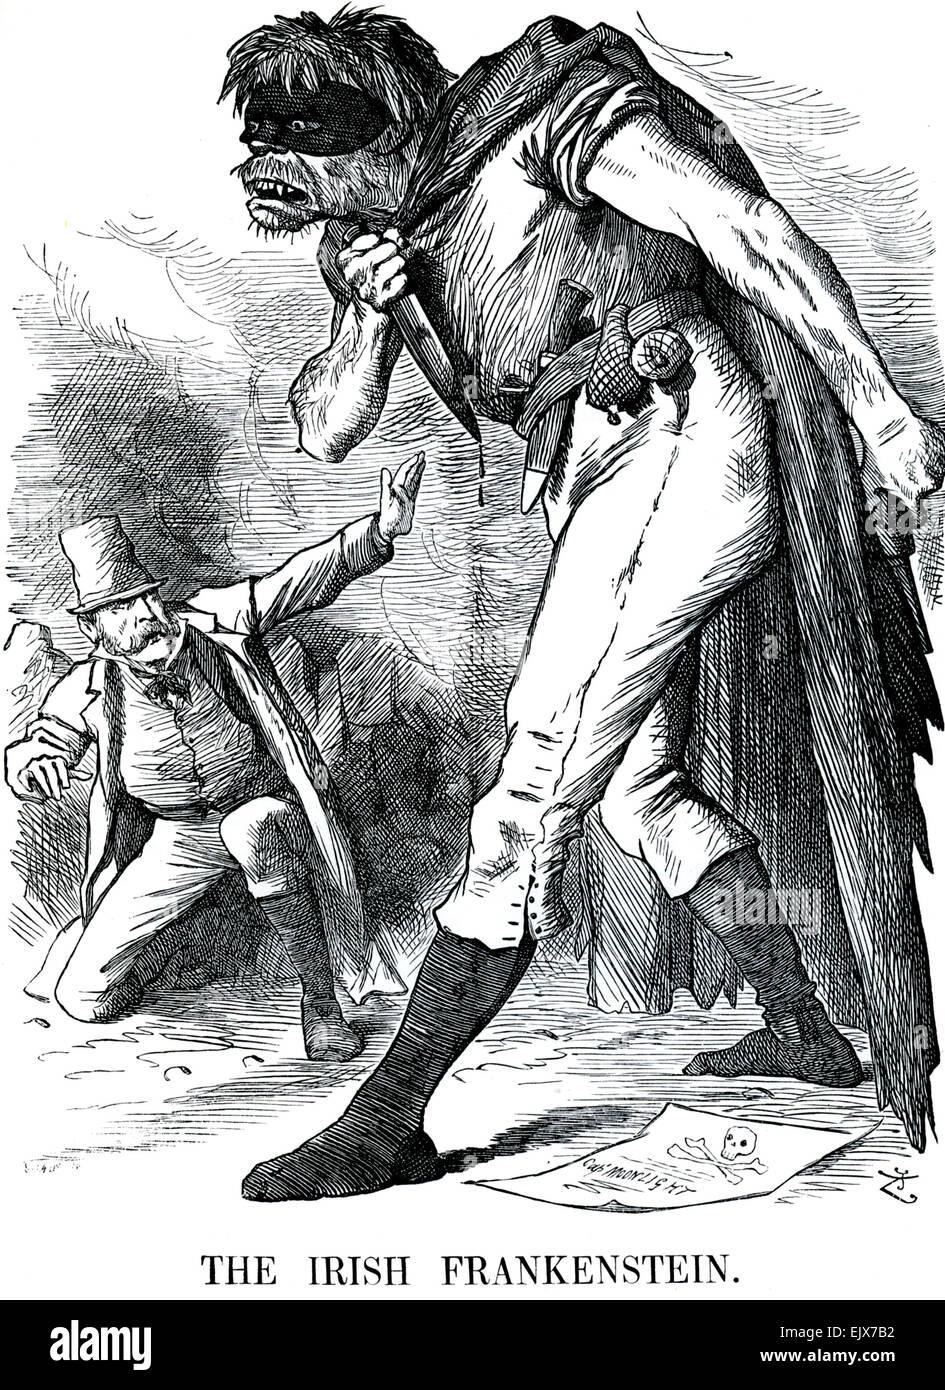 Los irlandeses FRANKENSTEIN Punch cartoon por John Tenniel publicado el 20 de mayo de 1882 Imagen De Stock